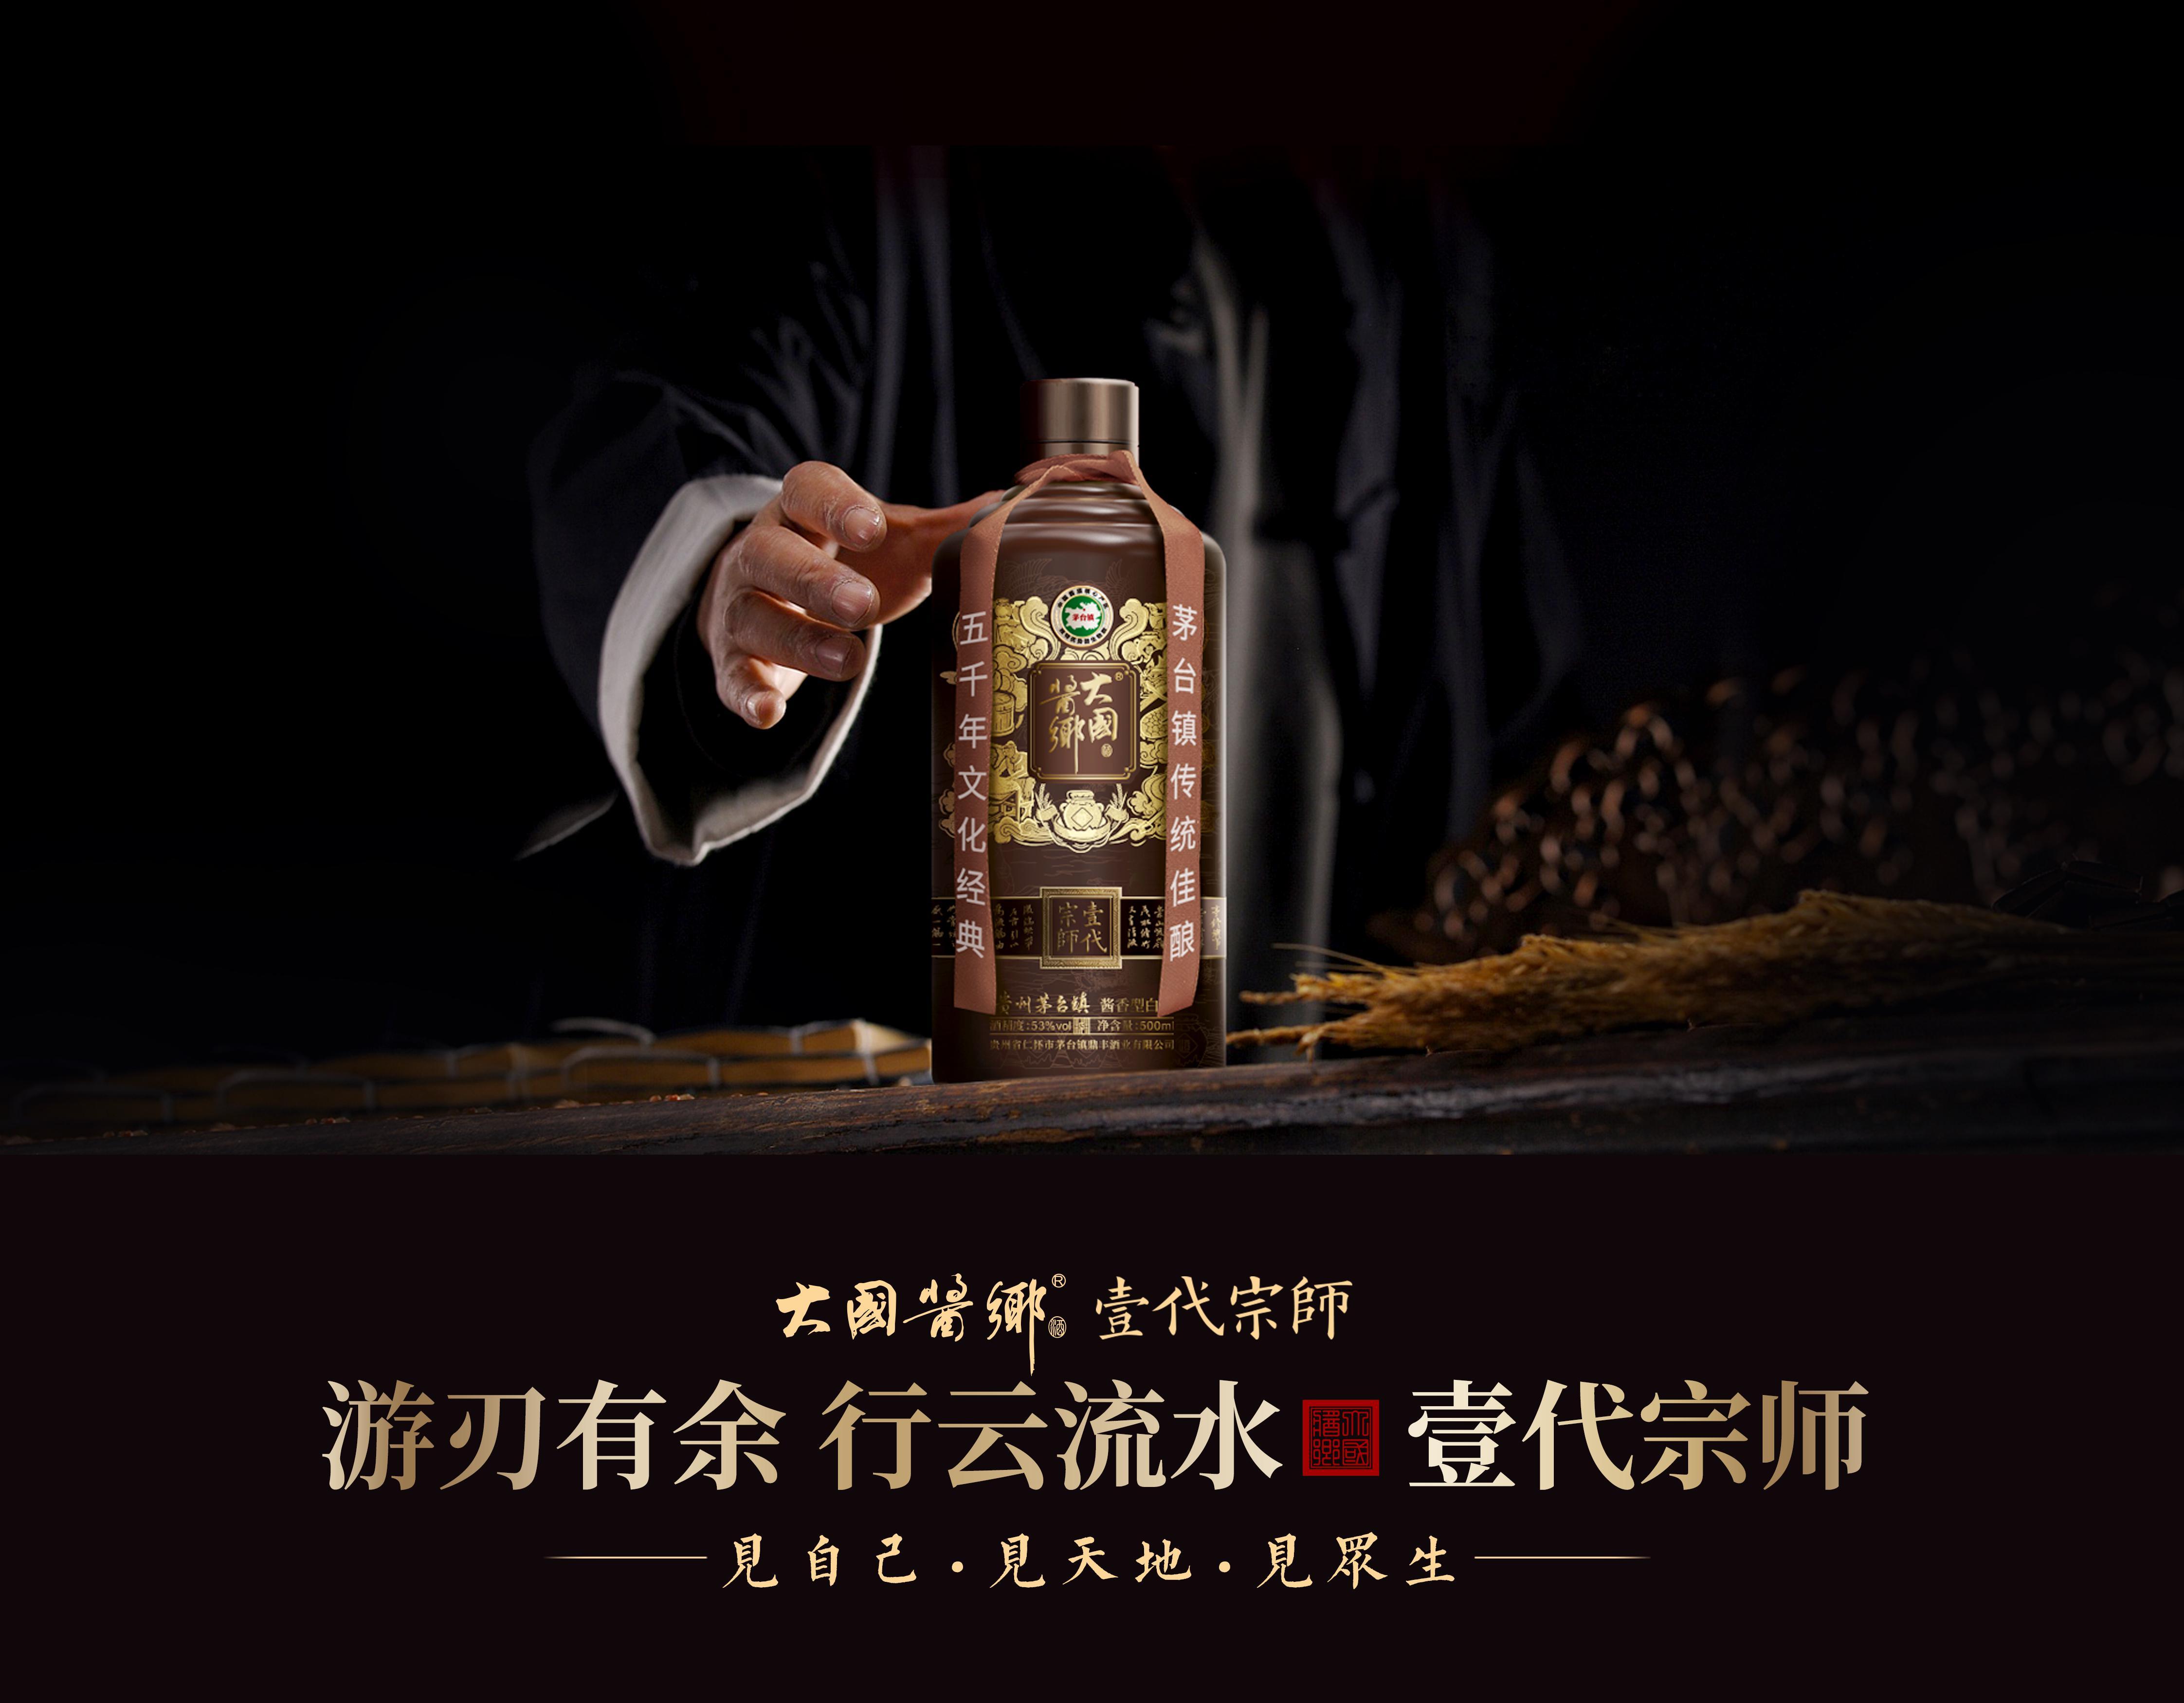 大国酱乡·一代宗师,酿造酱香酒之魂